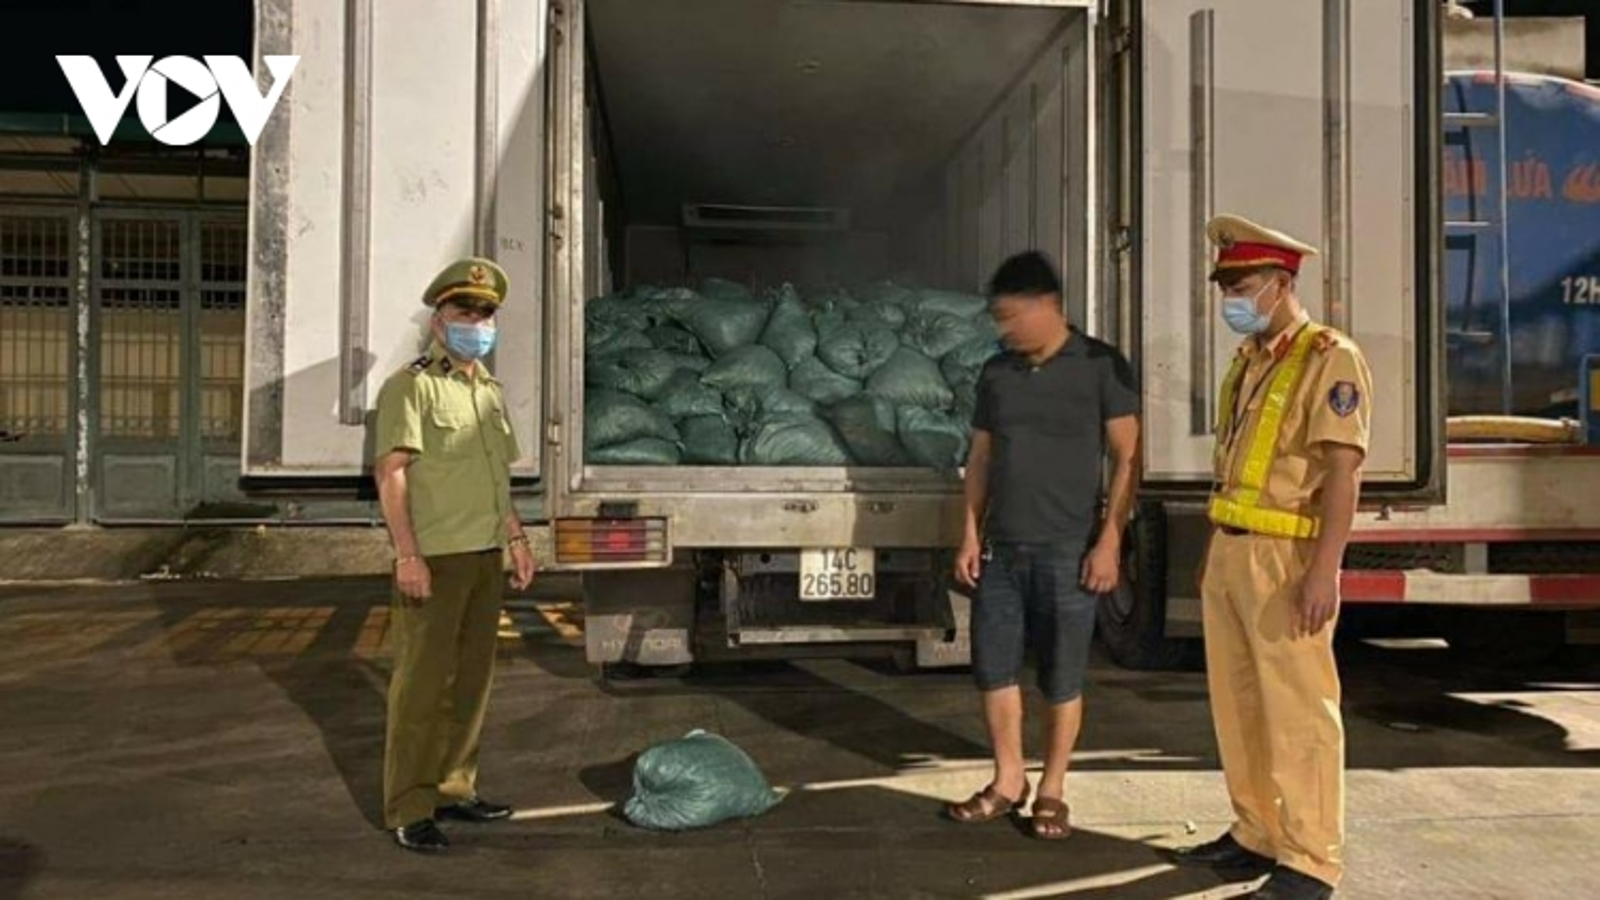 Quảng Ninh: 4,5 tấn chân gà bốc mùi hôi thối bị phát hiện khi đang tuồn vào nội địa